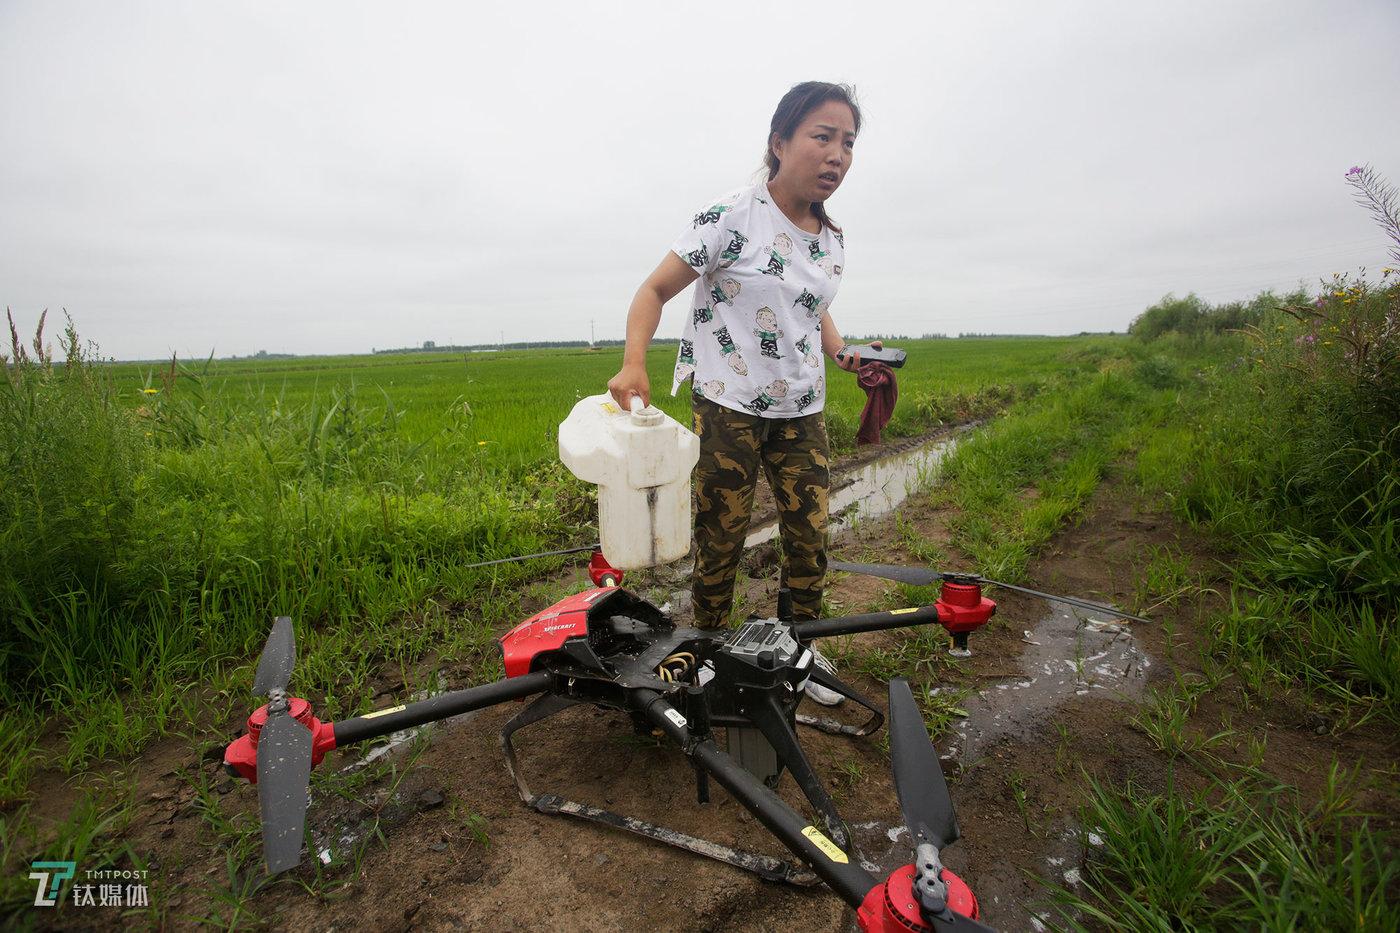 """作为一个女飞手,又天天在地里干活,她把自己当成了不折不扣的女汉子,换药、换电池、飞行、测地都不在话下。""""同江的价格低,4块钱一亩地,有的飞机2块钱一亩也飞。""""丹丹向钛媒体《在线》介绍,有些地主农户喜欢找便宜的来飞,飞完发现草没除干净,或者有的地方没喷洒到位,又不得不找价格贵但是作业质量高的团队来二次喷洒。"""